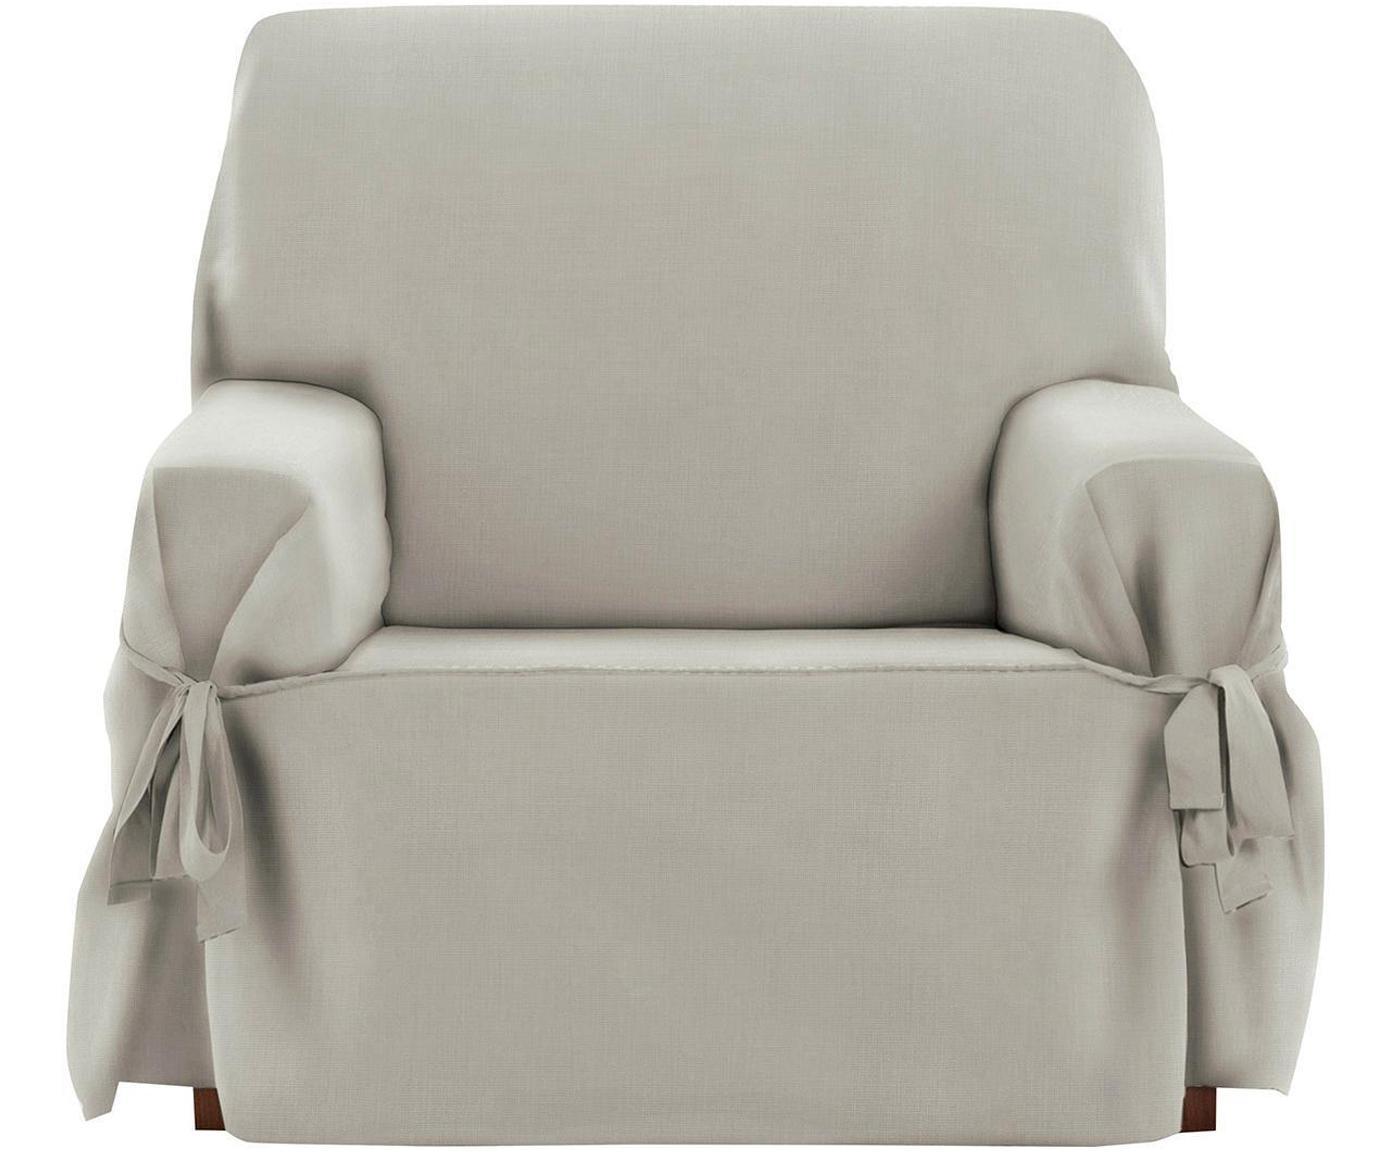 Funda de sillón Levante, 50%algodón, 50%poliéster, Gris verdoso, An 120 x Al 110 cm